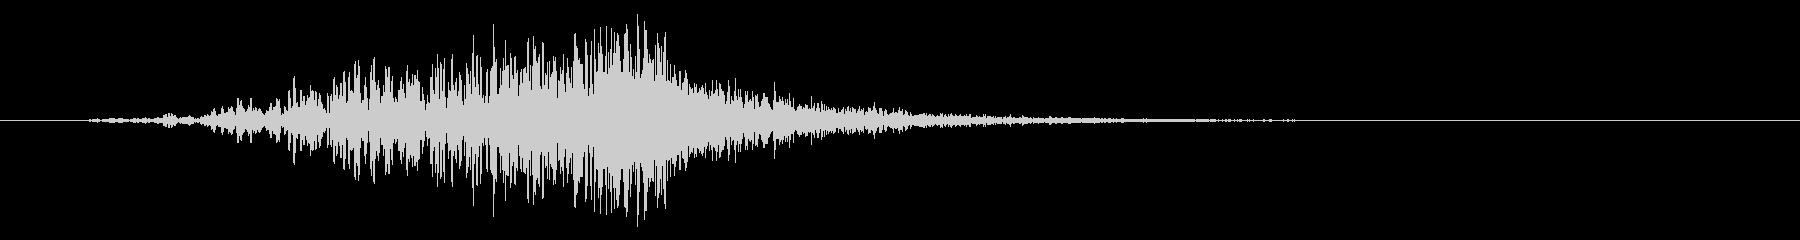 ミディアム、ホロウフーシュの未再生の波形